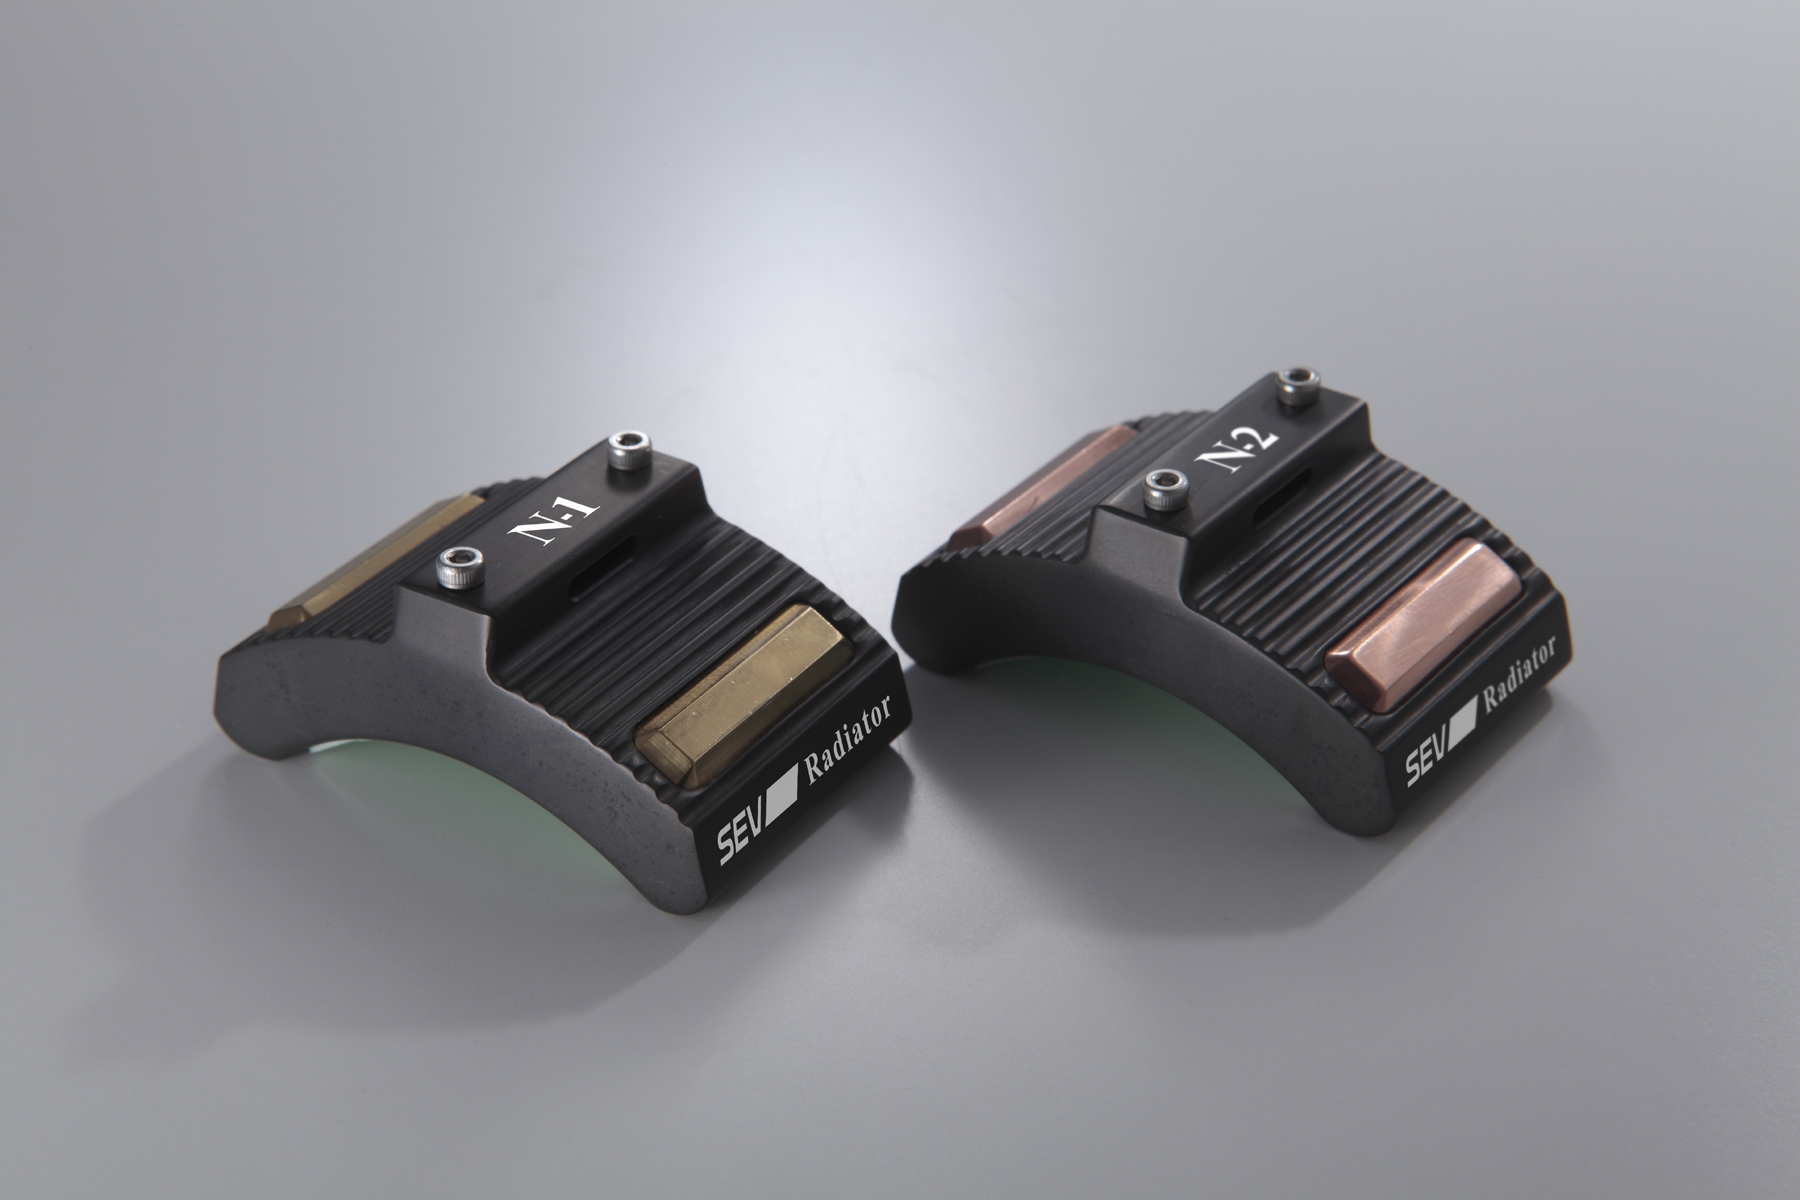 SEV ラジエター Nシリーズ